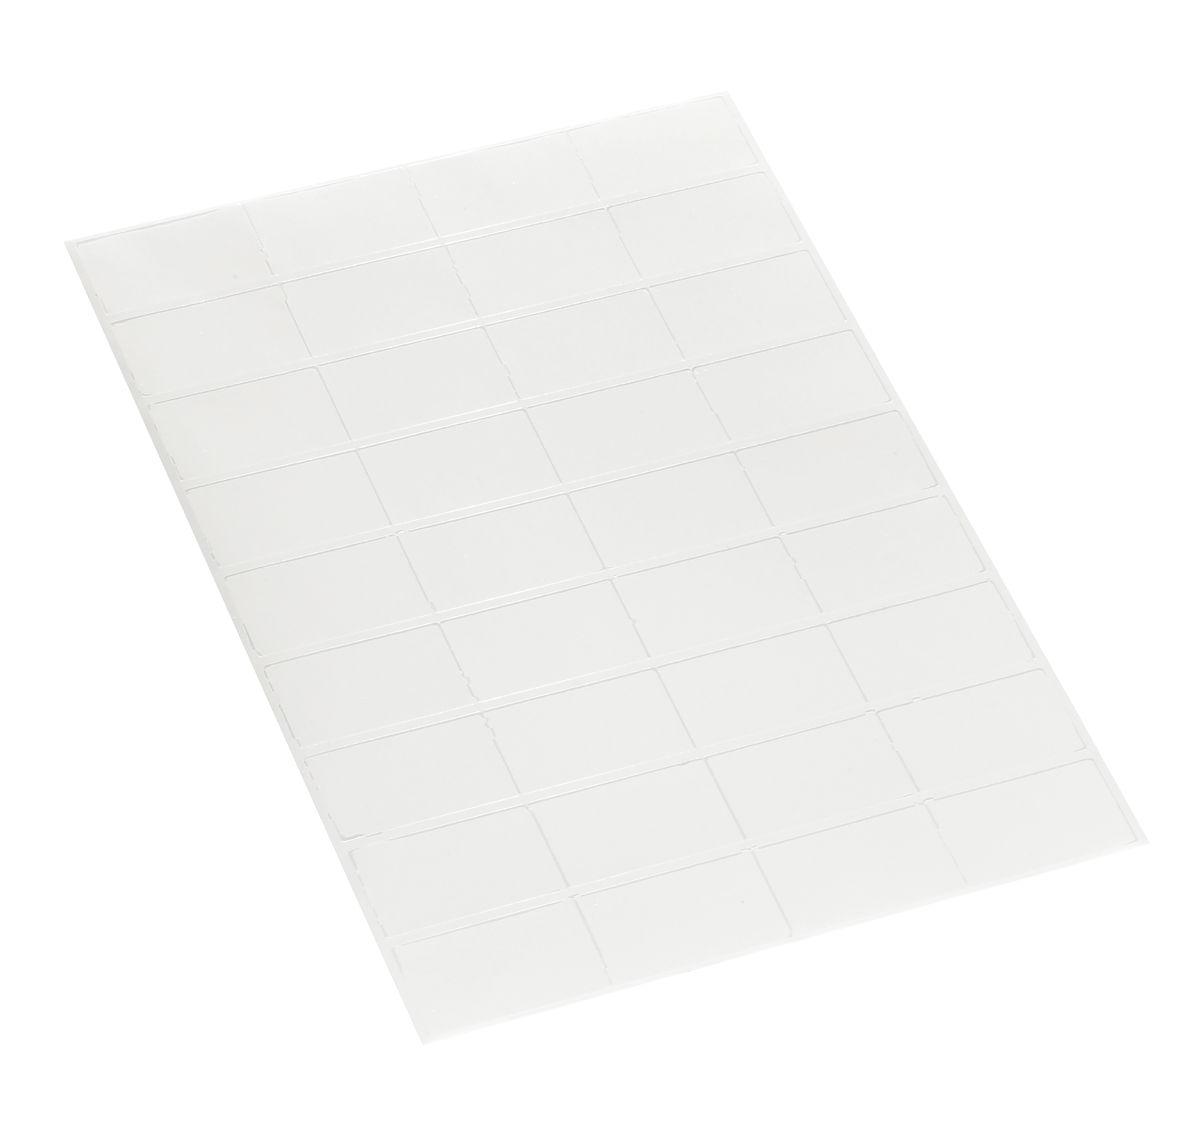 Adesivi trasparenti per caschi VERTEX e STRATO